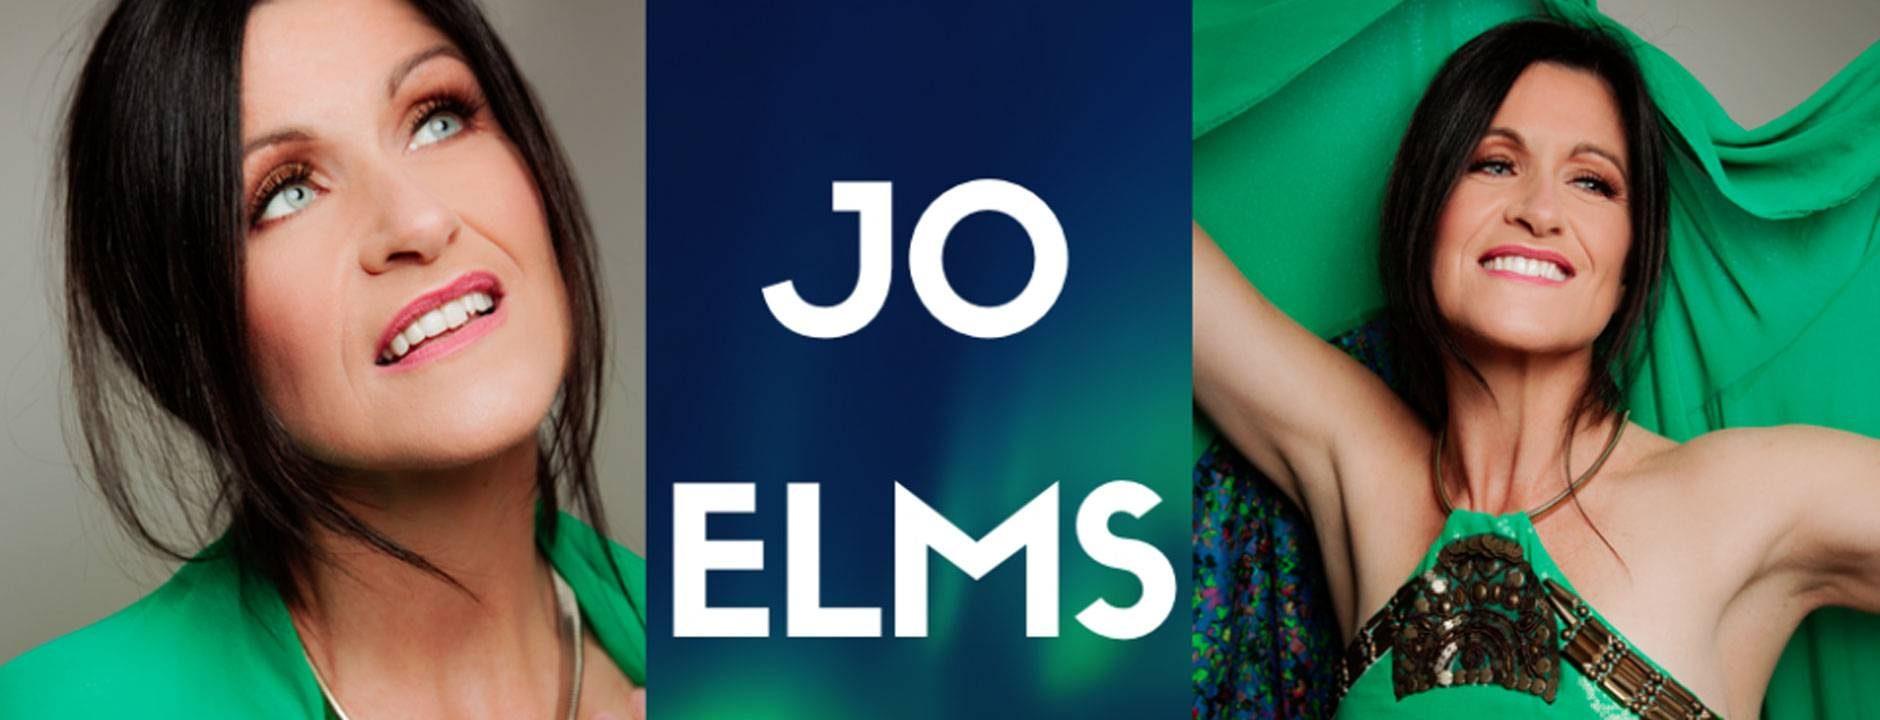 Jo Elms Singer